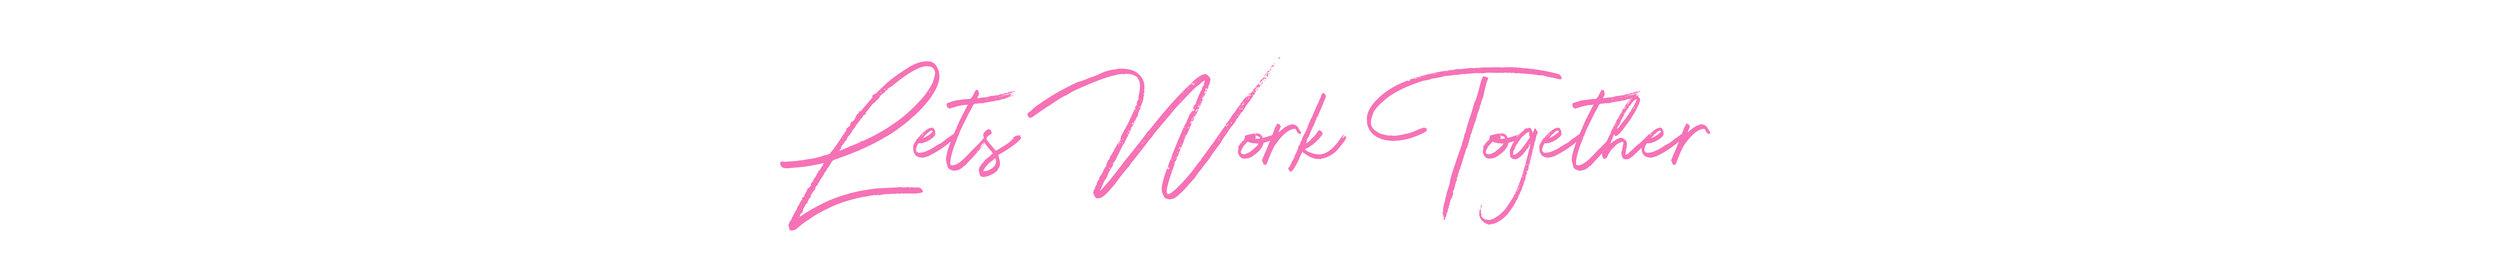 Priscilla Website banner-work.jpg